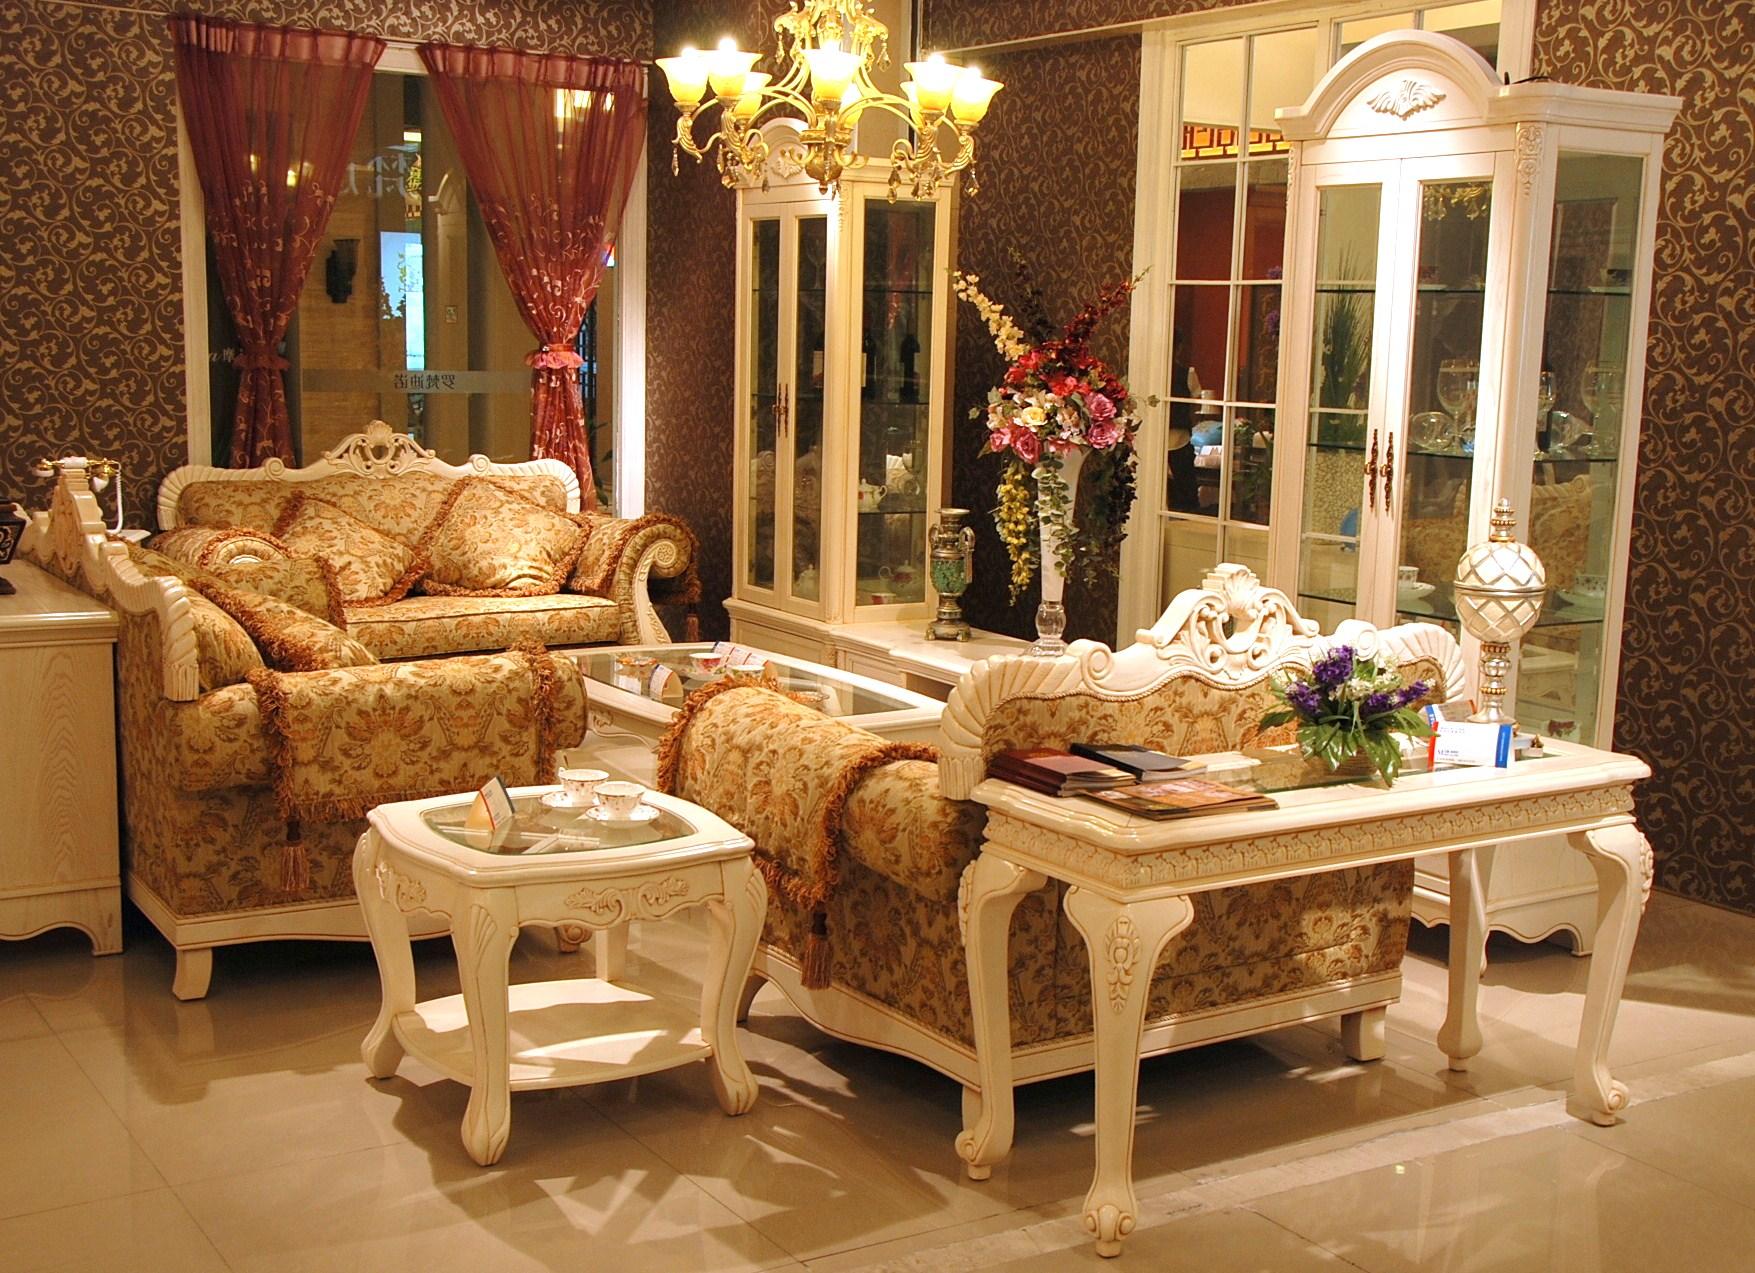 欧式家具是欧式古典风格装修的重要元素,以意大利,法国和西班牙风格